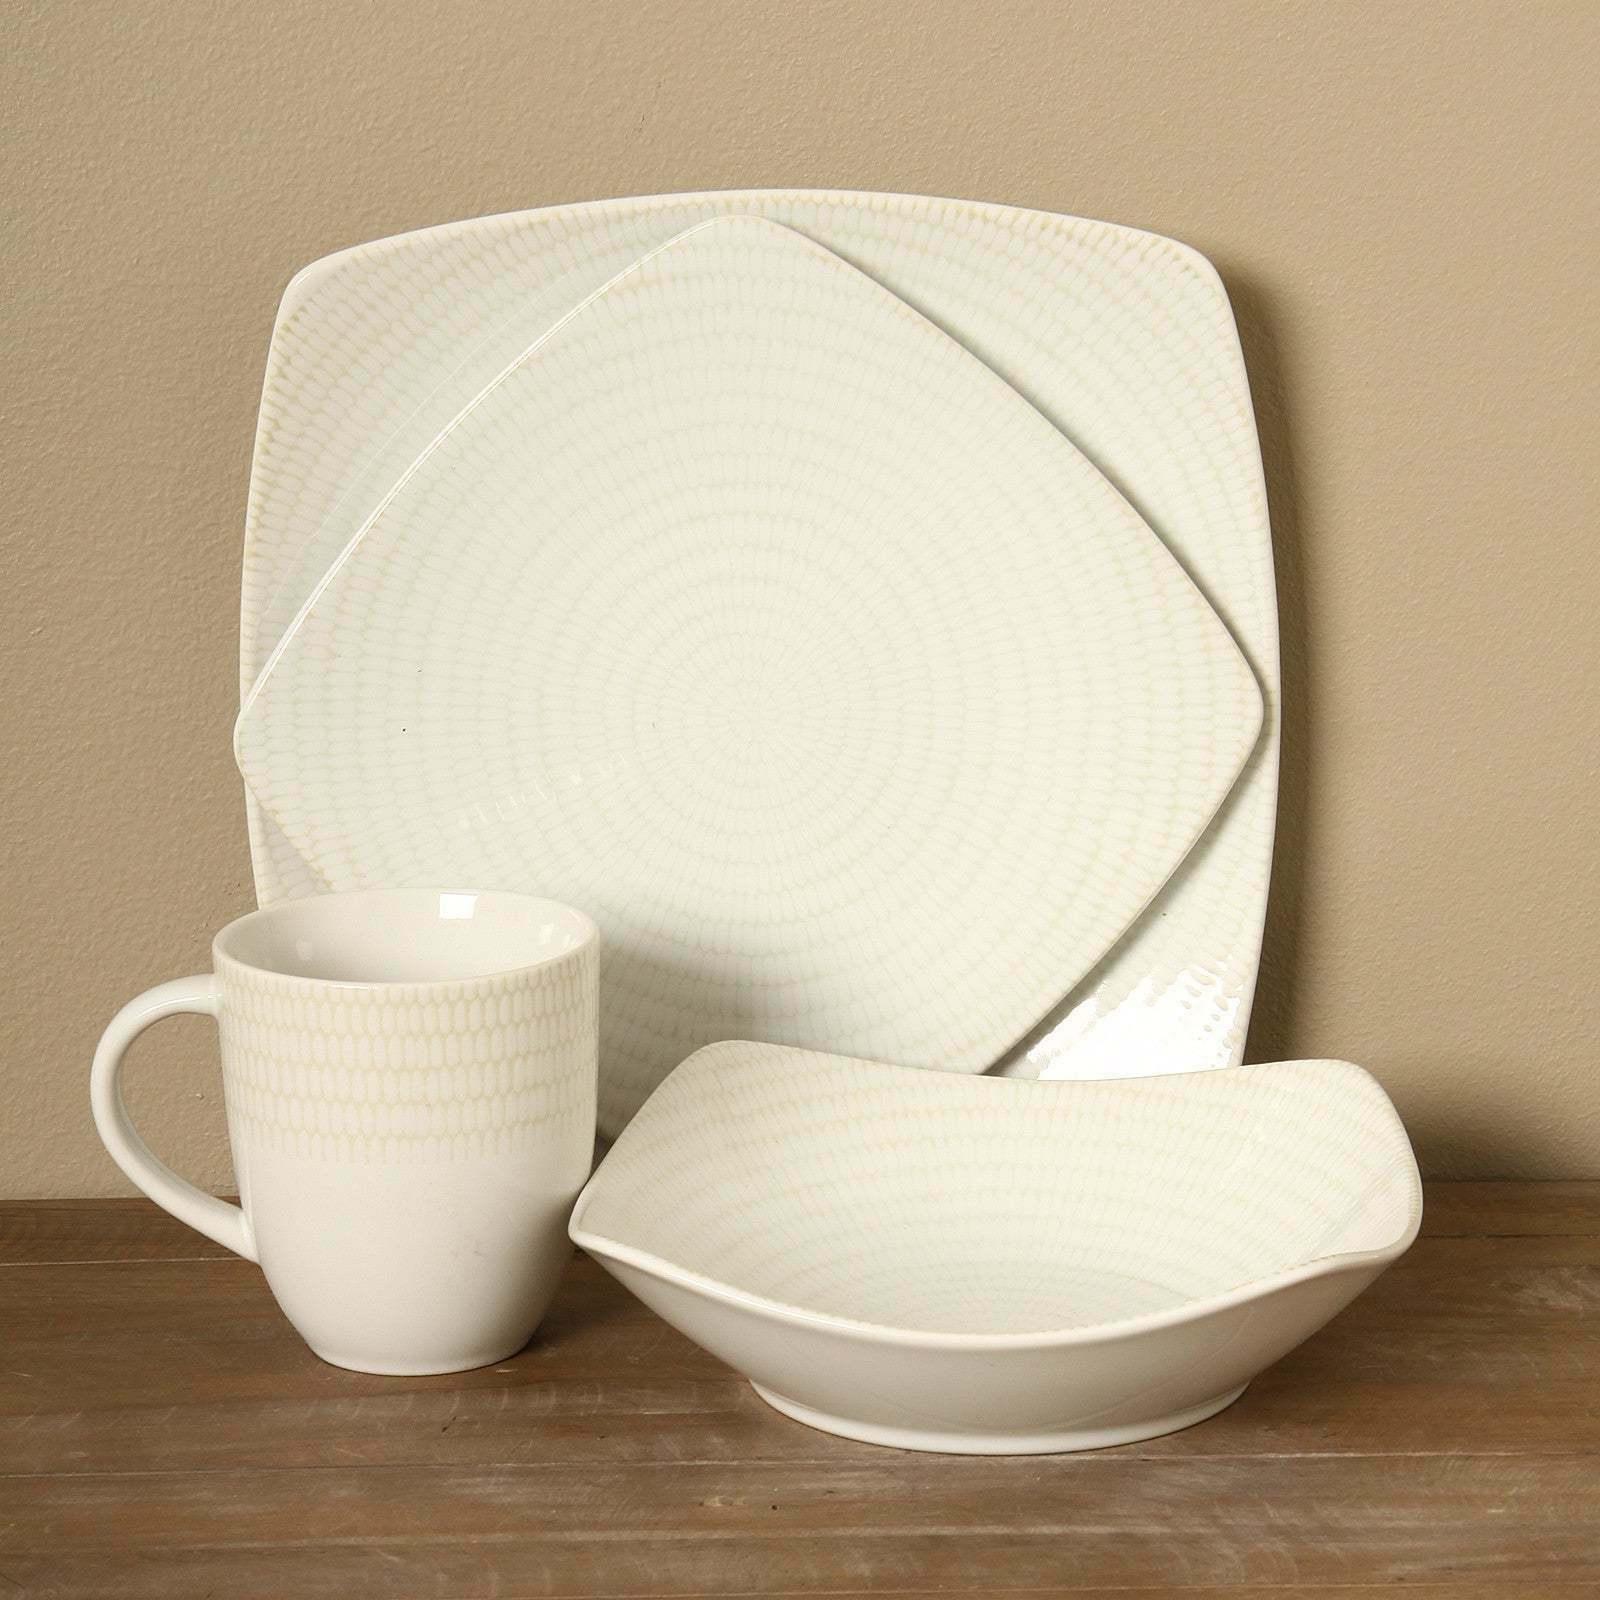 16-piece Rice Dinnerware Dishwasher Safe